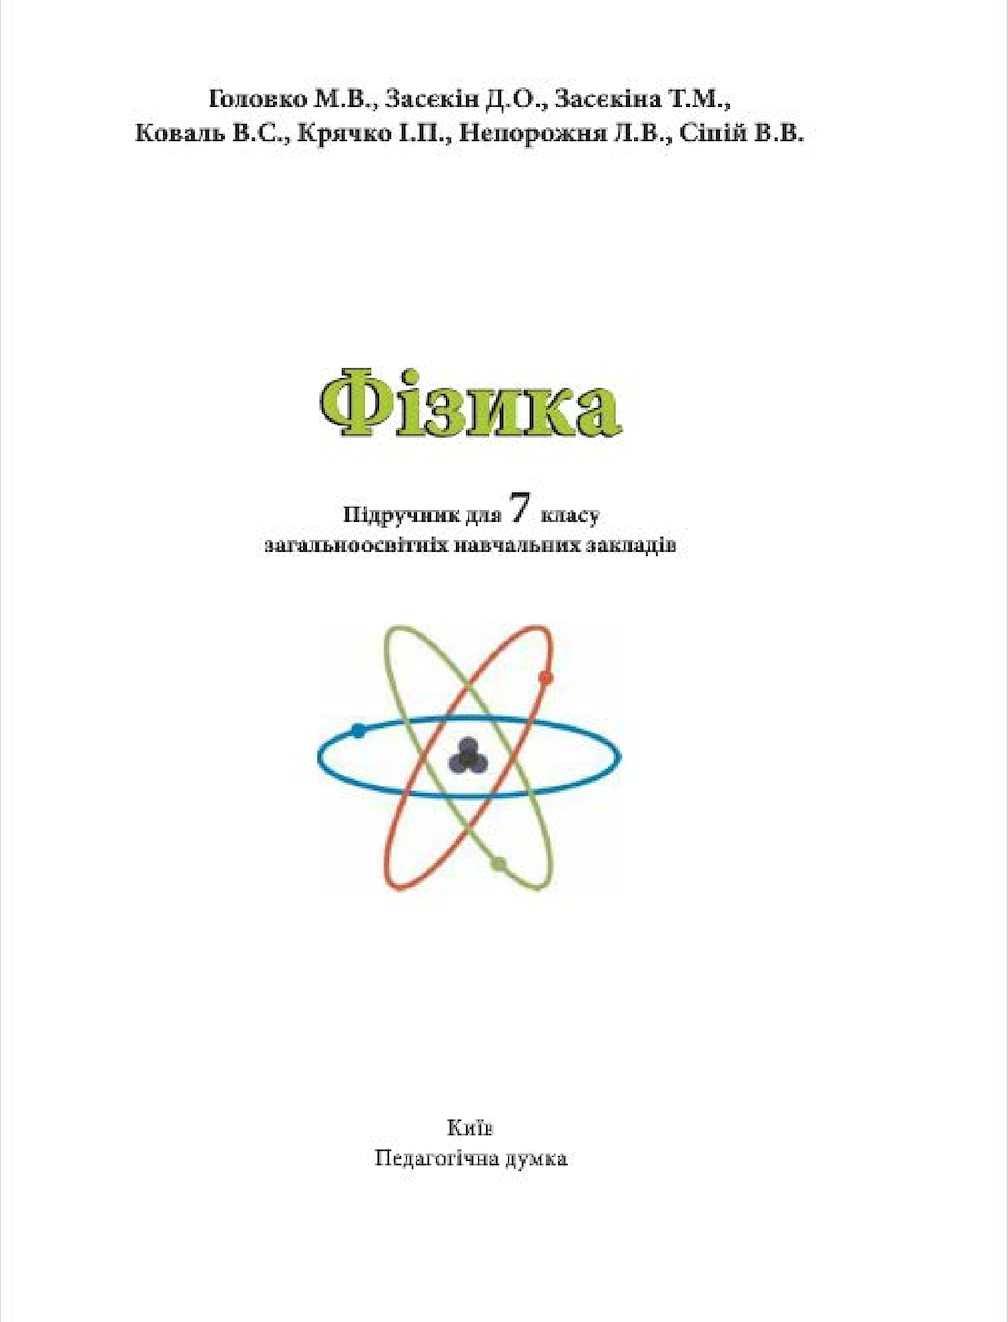 Класс 11 т.засекина и засекин дмитрий по гдз физики автор